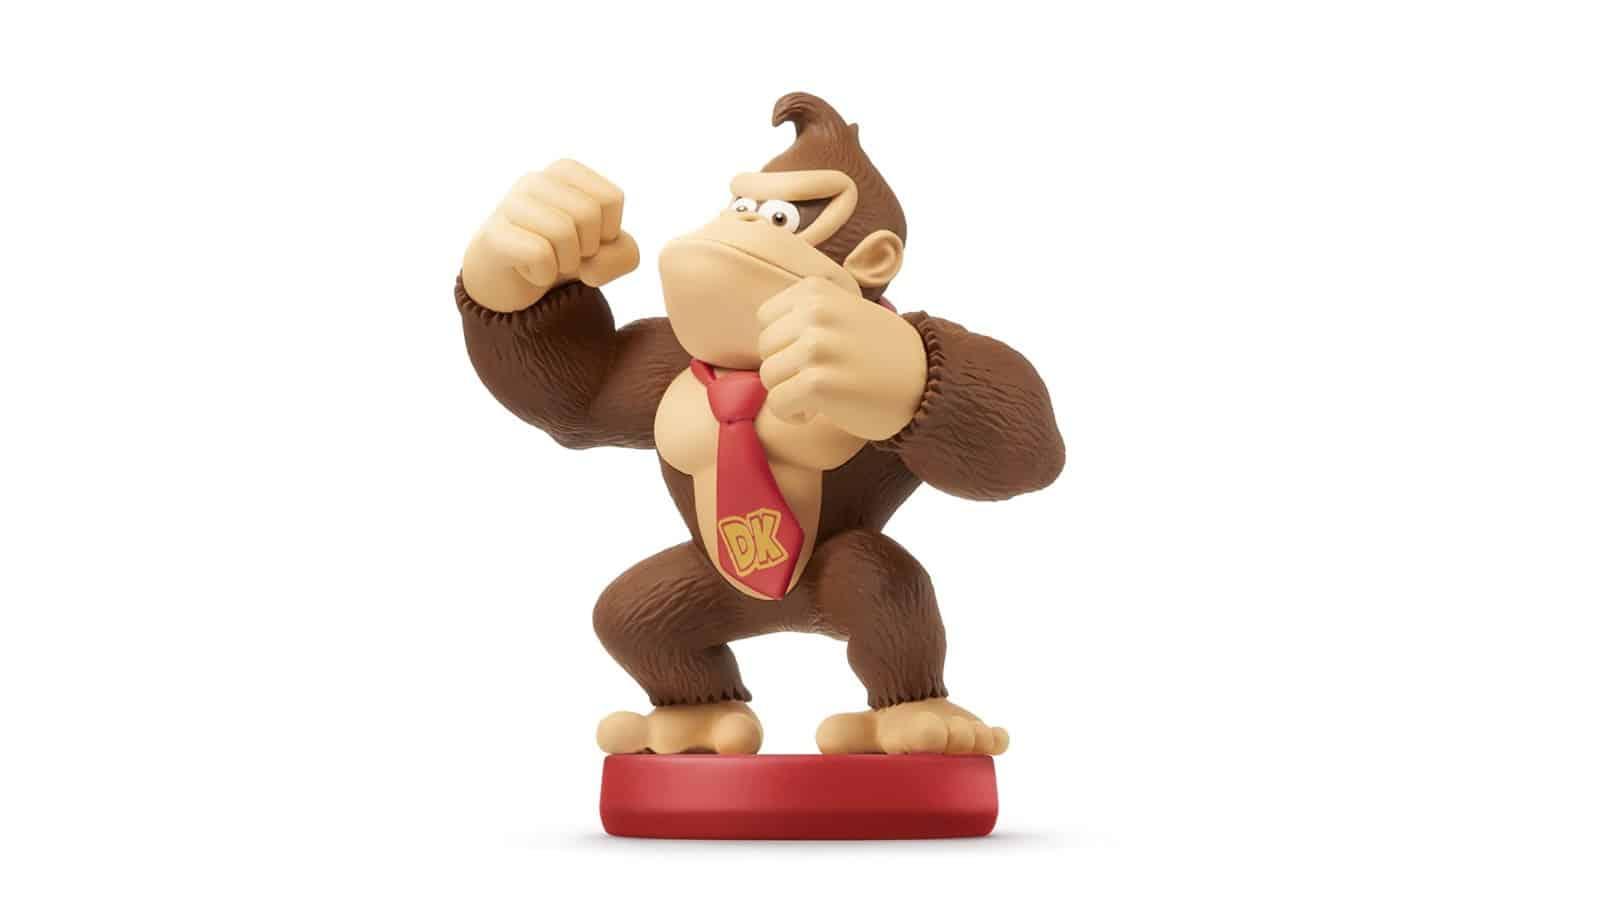 אמיבו - Donkey Kong (סדרת סופר מריו)